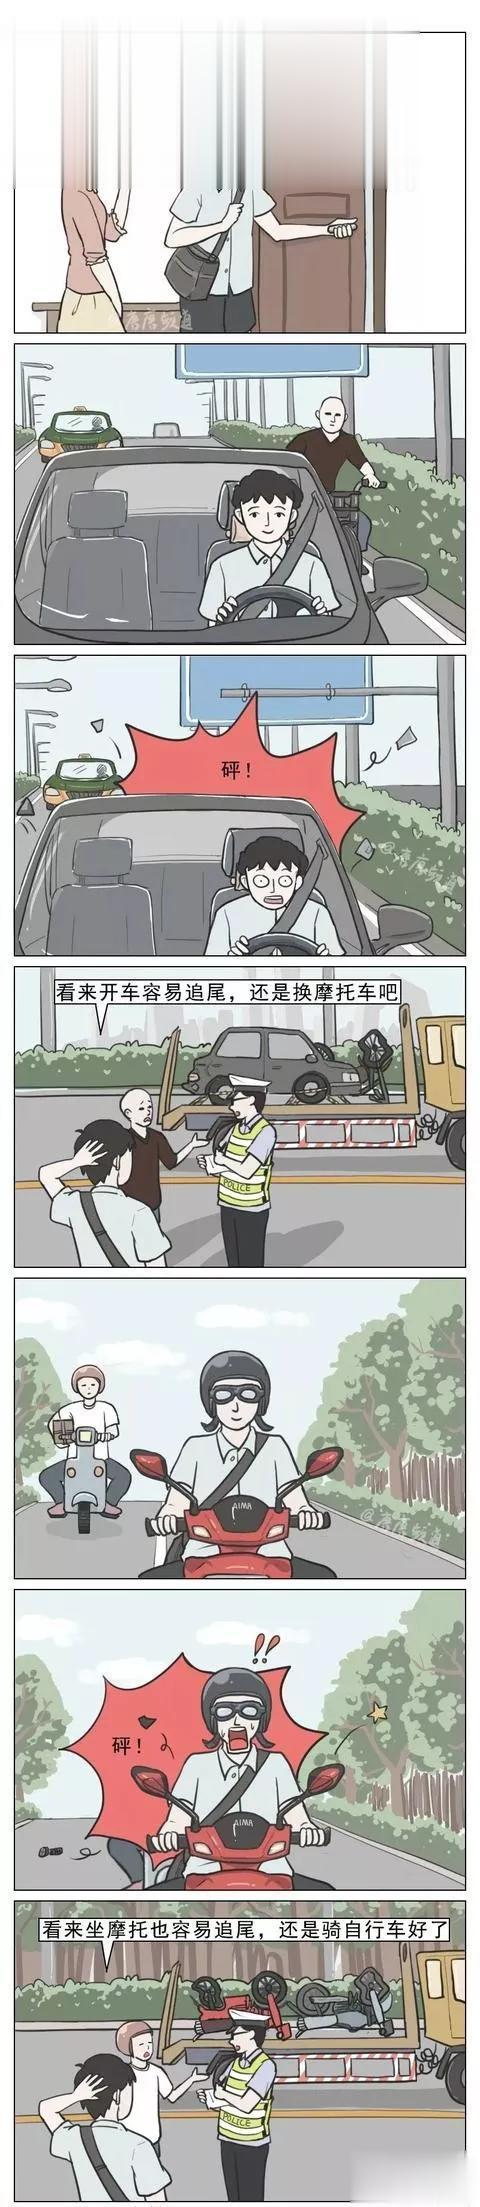 《人性漫畫》被交通工具嫌棄的男人-圖1